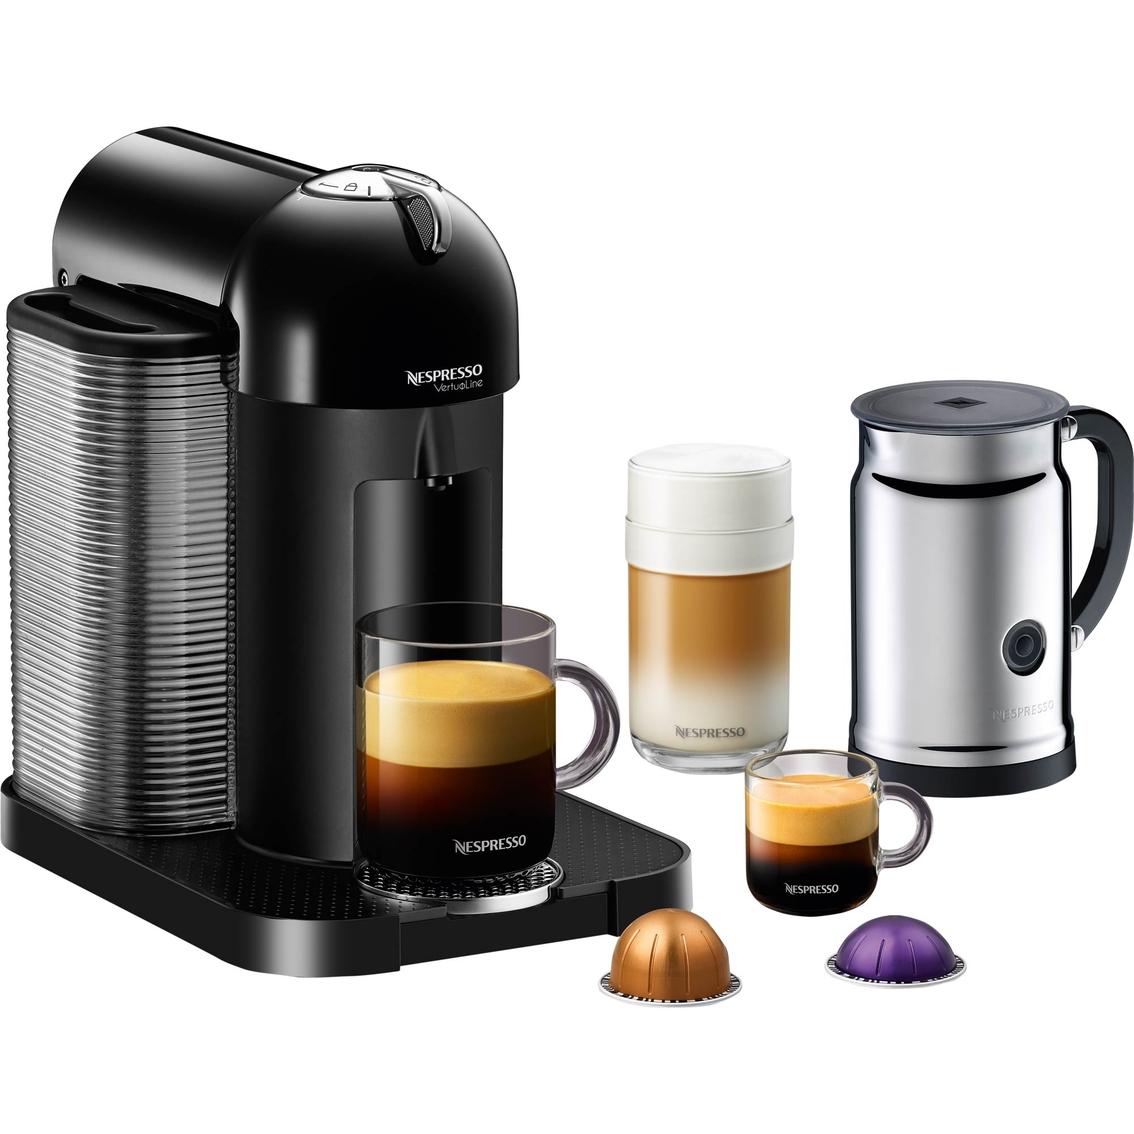 nespresso vertuoline espresso machine